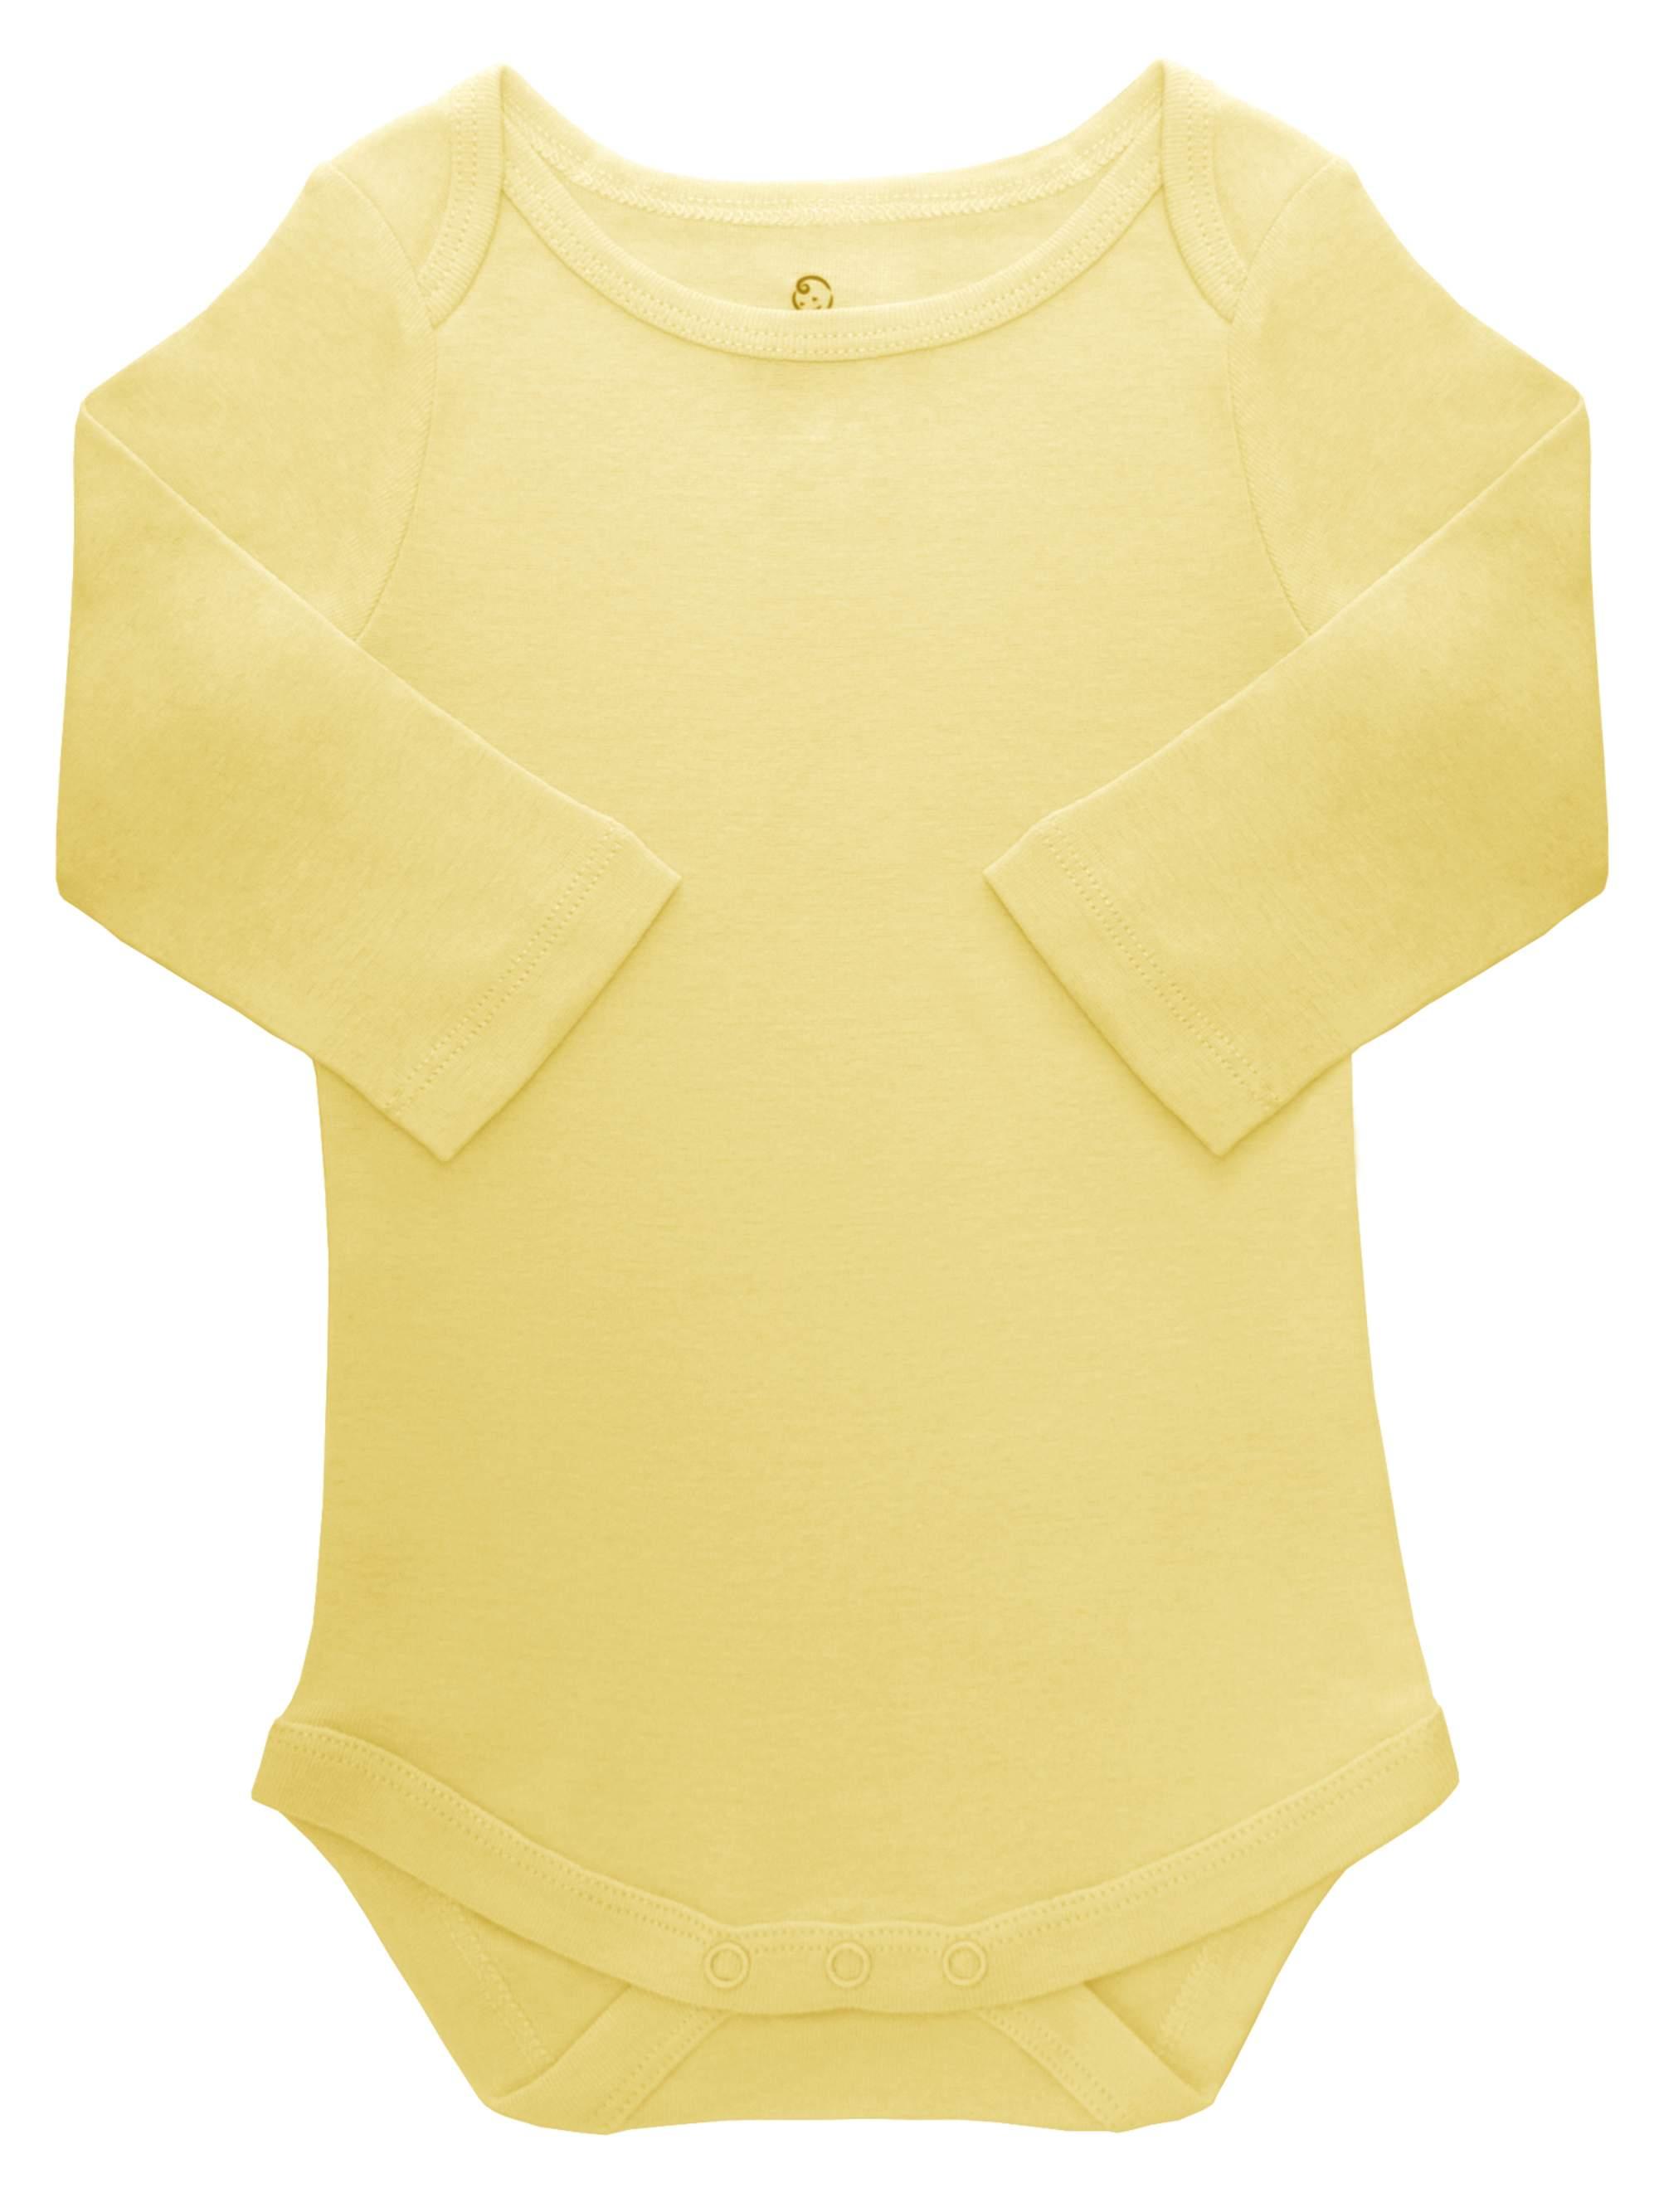 KidzStuff Long Sleeve Baby Insect Repellent Romper (Unisex)